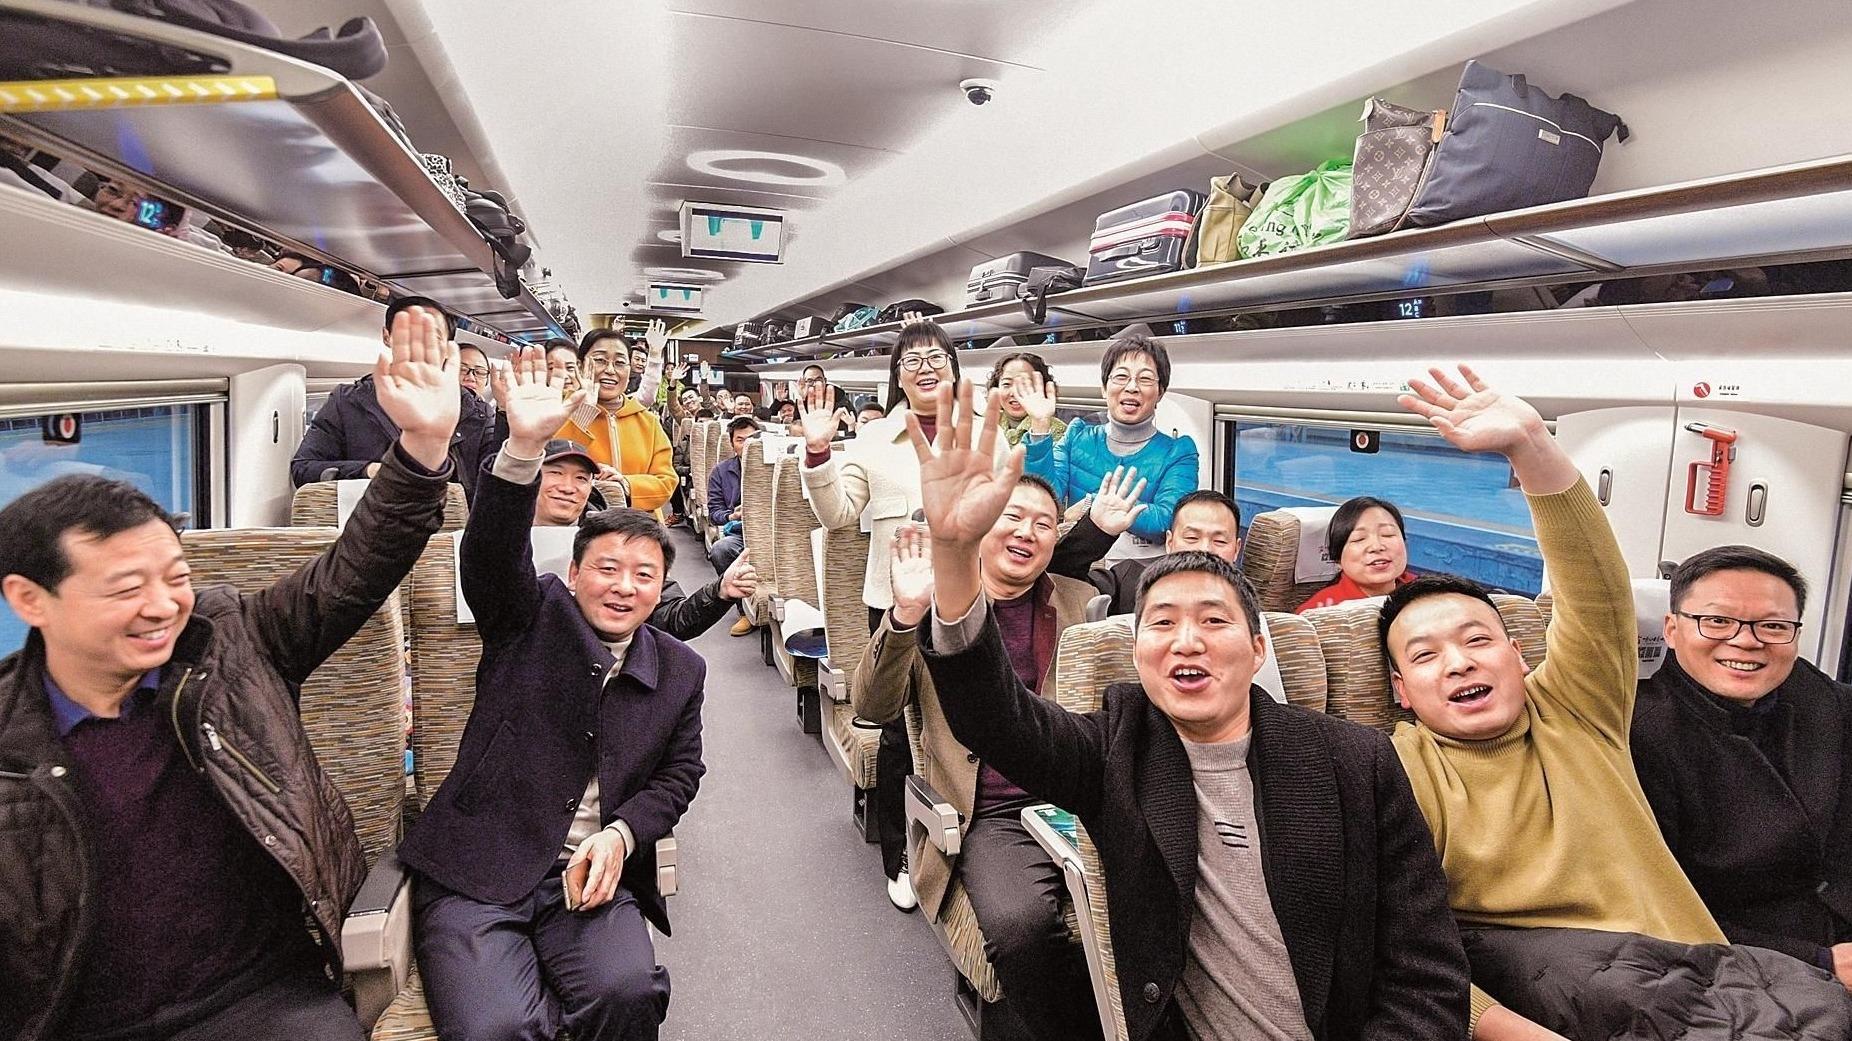 汉十高铁昨日开通 鄂西北1600万人圆了高铁梦